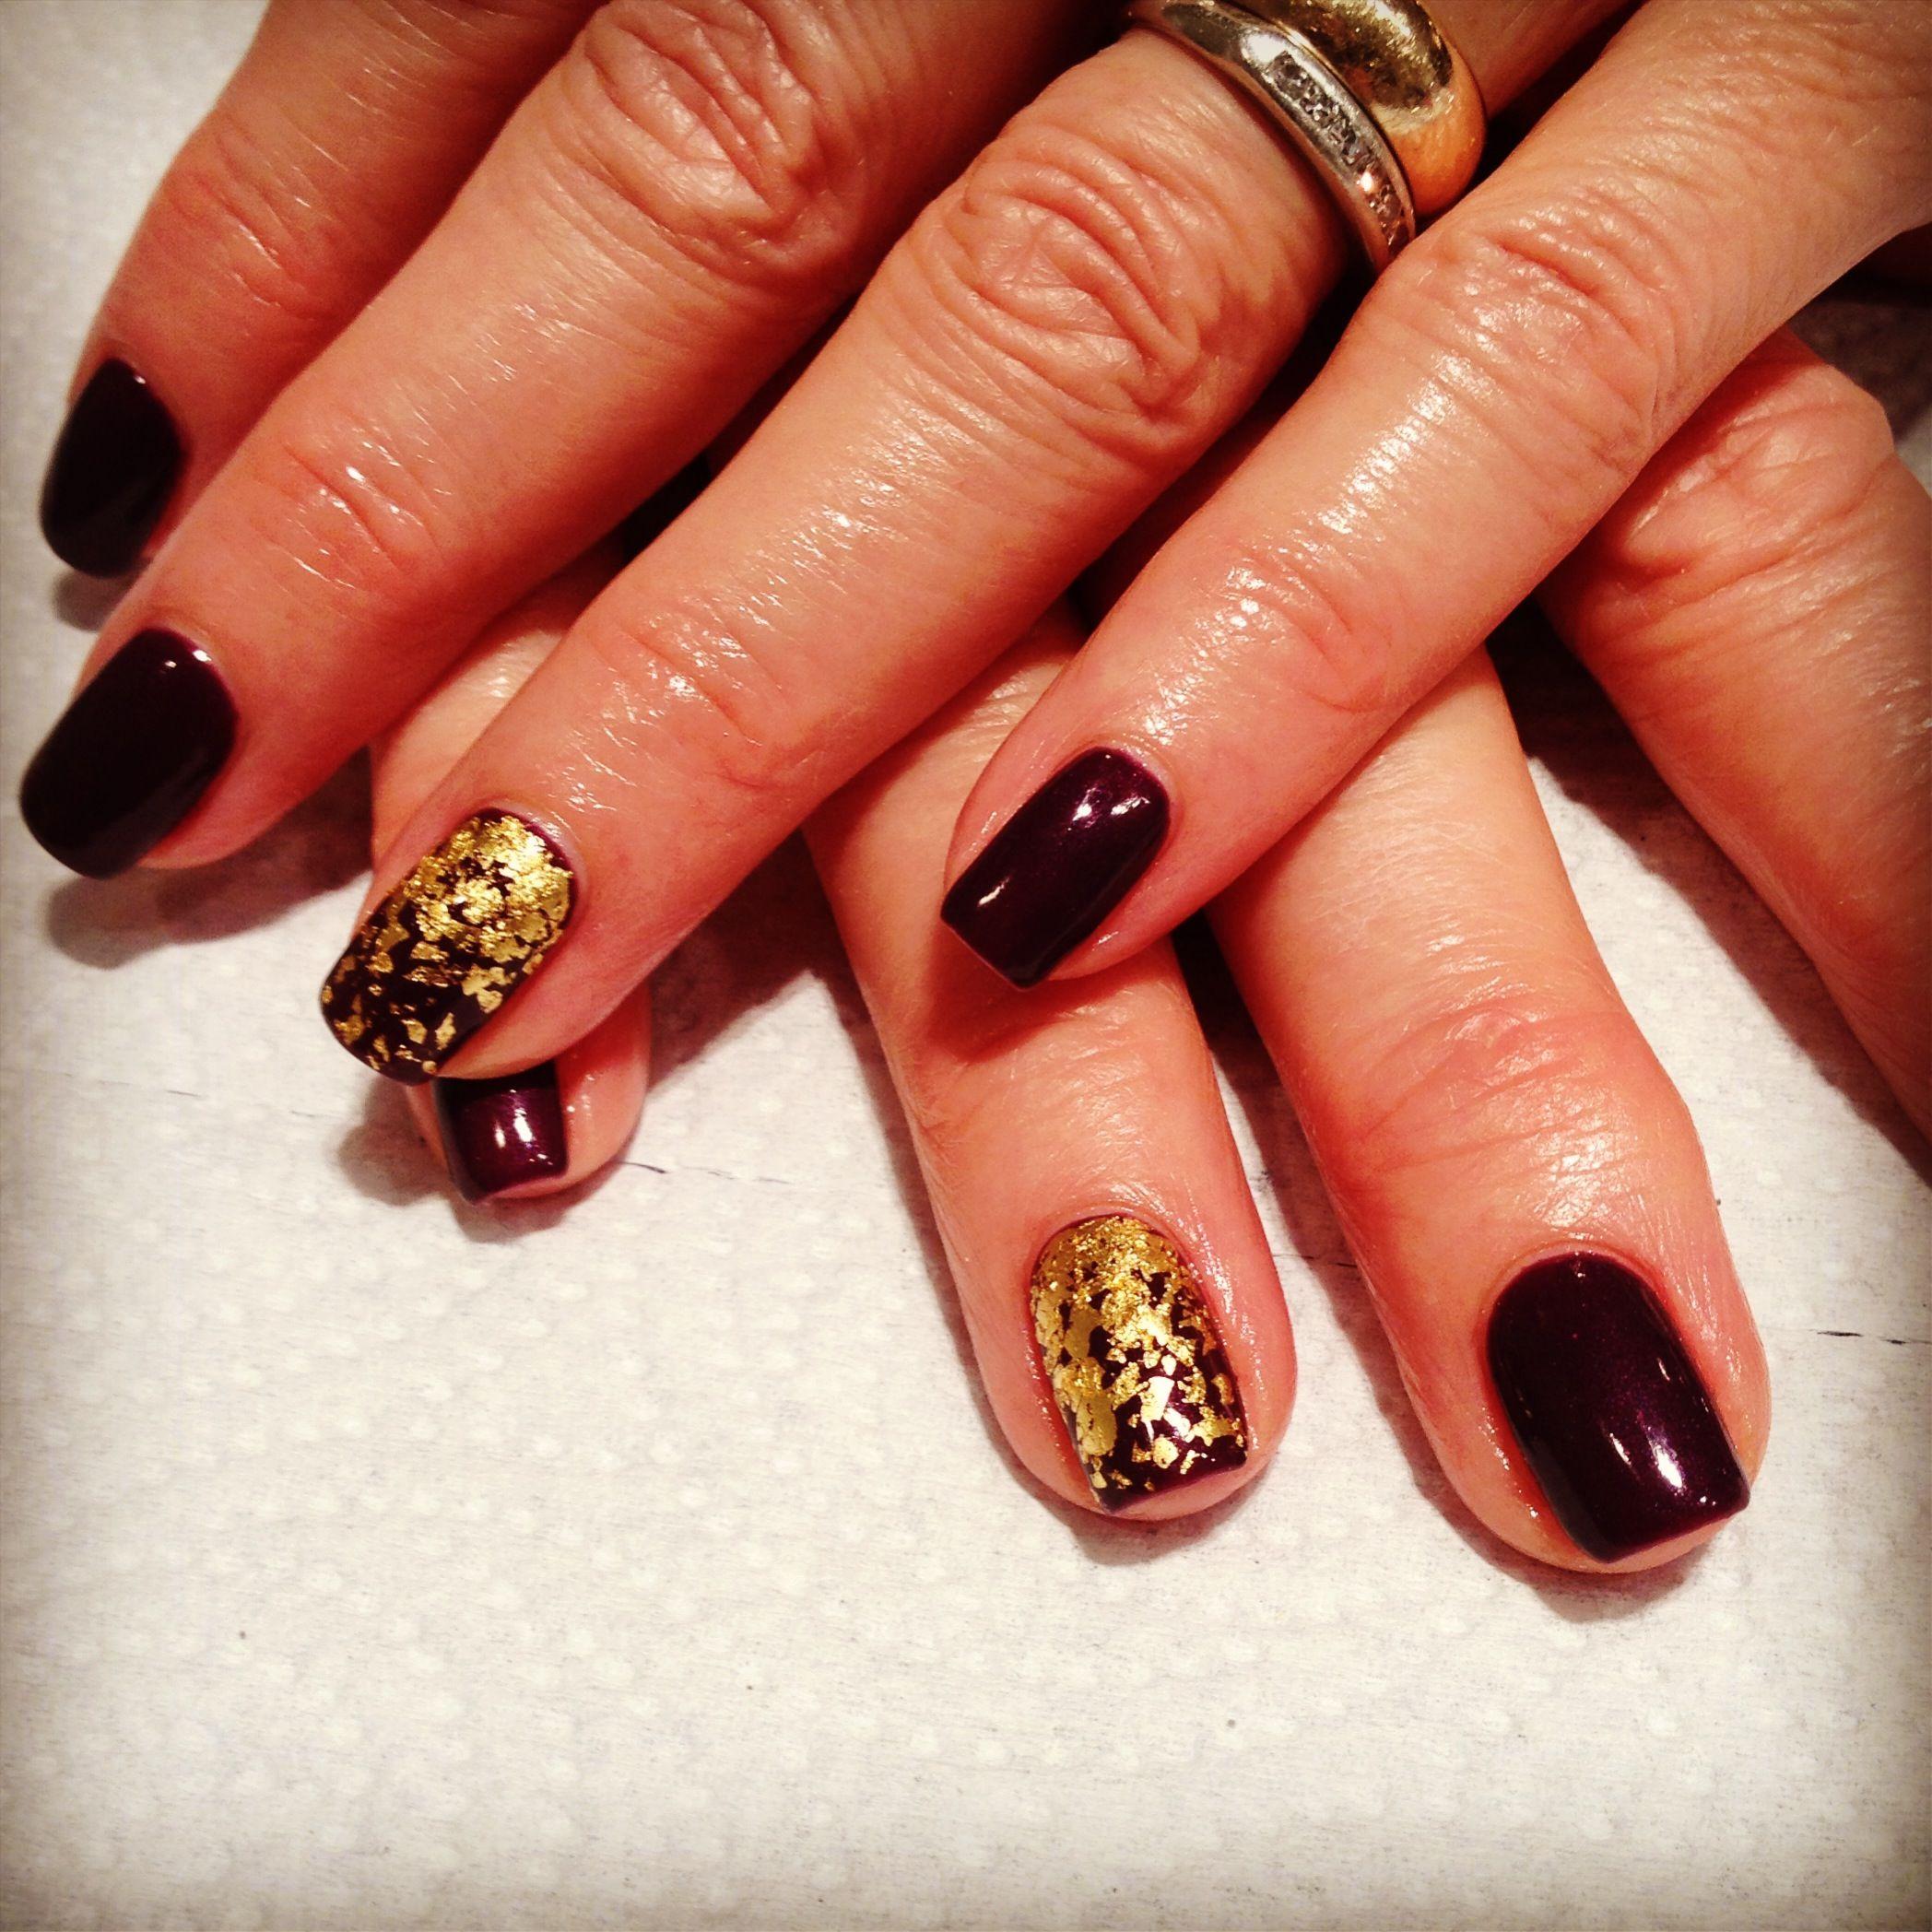 Nail Art By Alice At Sydneyalbert Salonspa In Princeton Nj Nails Nail Art Creative Nails